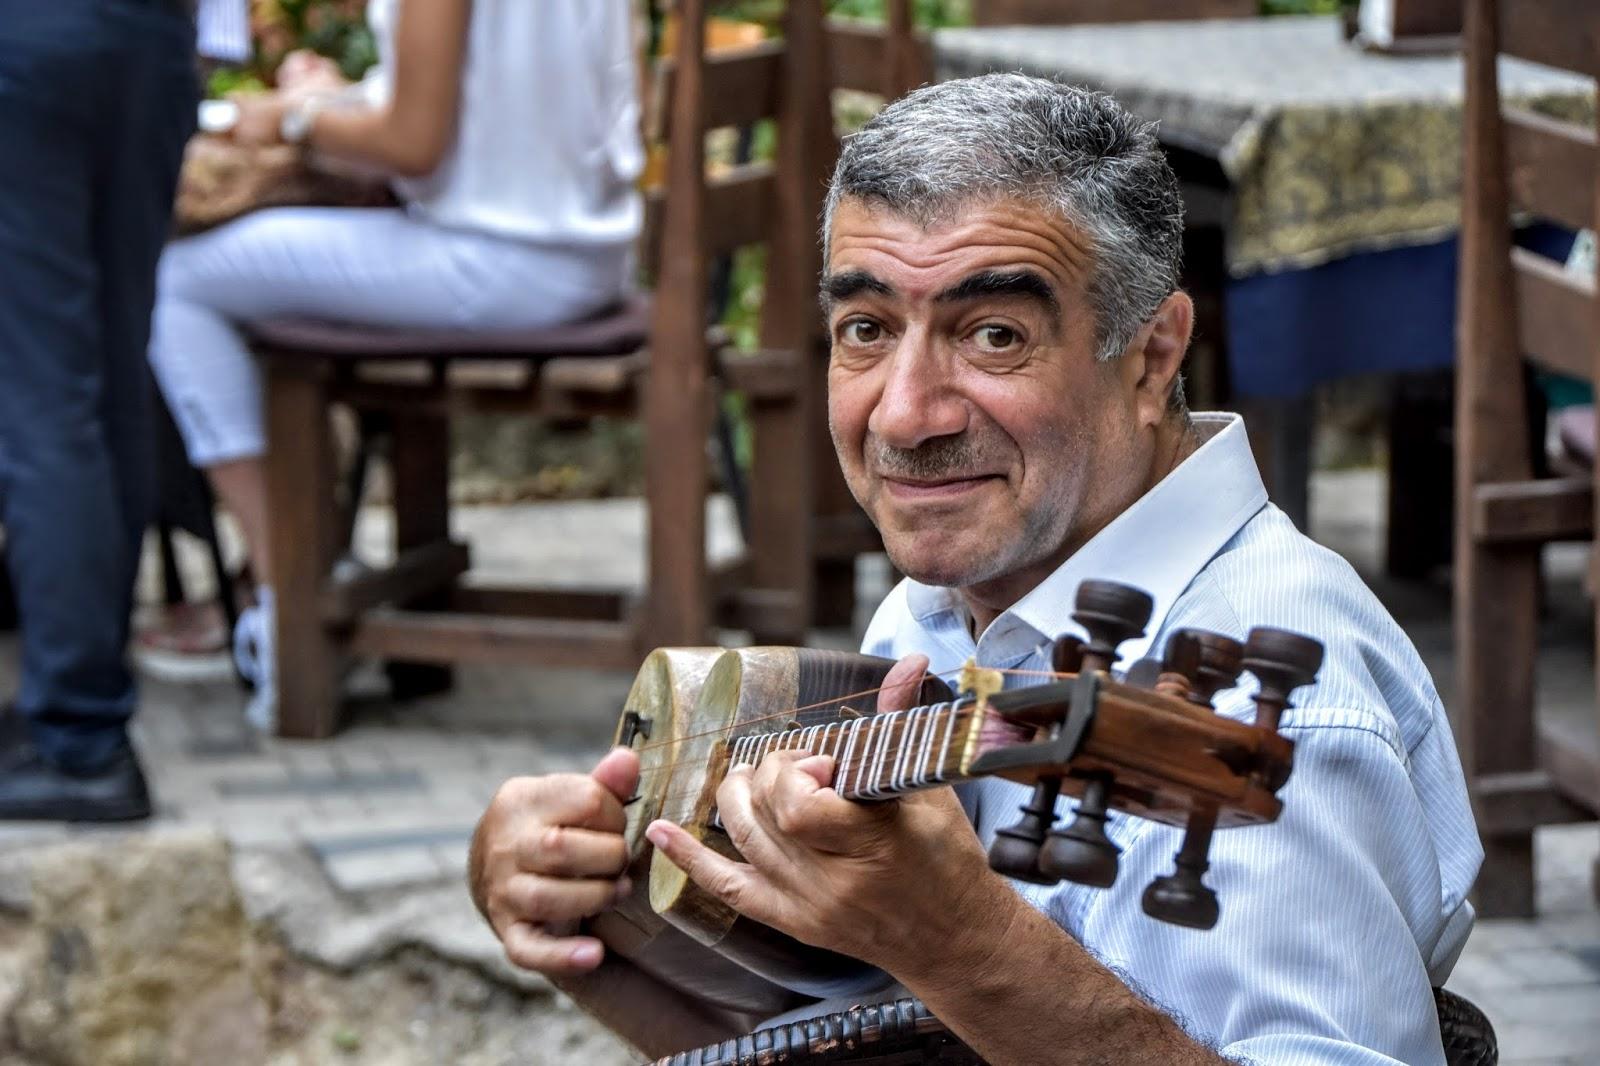 People of Baku | Azərbaycan (Azerbaijan, Azerbejdżan)